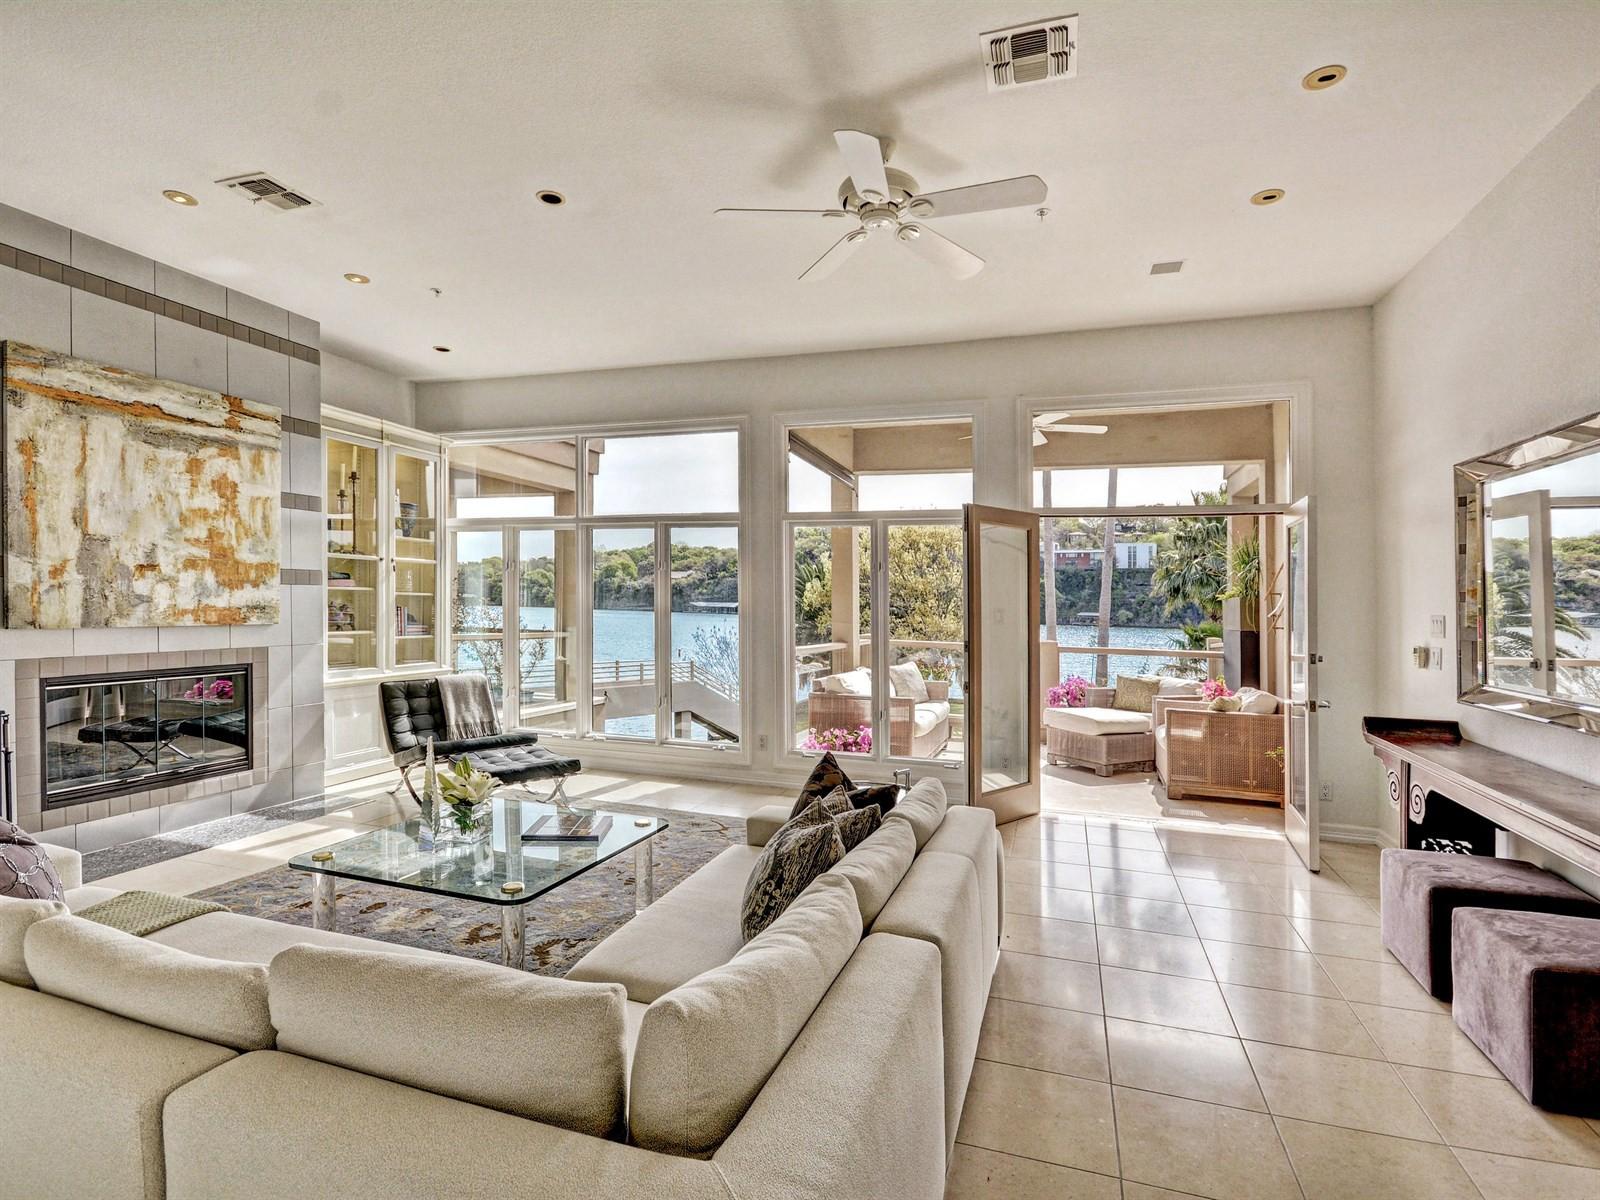 Nhà ở một gia đình vì Bán tại Exquisitely situated on the shores of Lake Austin 2329 Westlake Dr 3 Austin, Texas, 78746 Hoa Kỳ